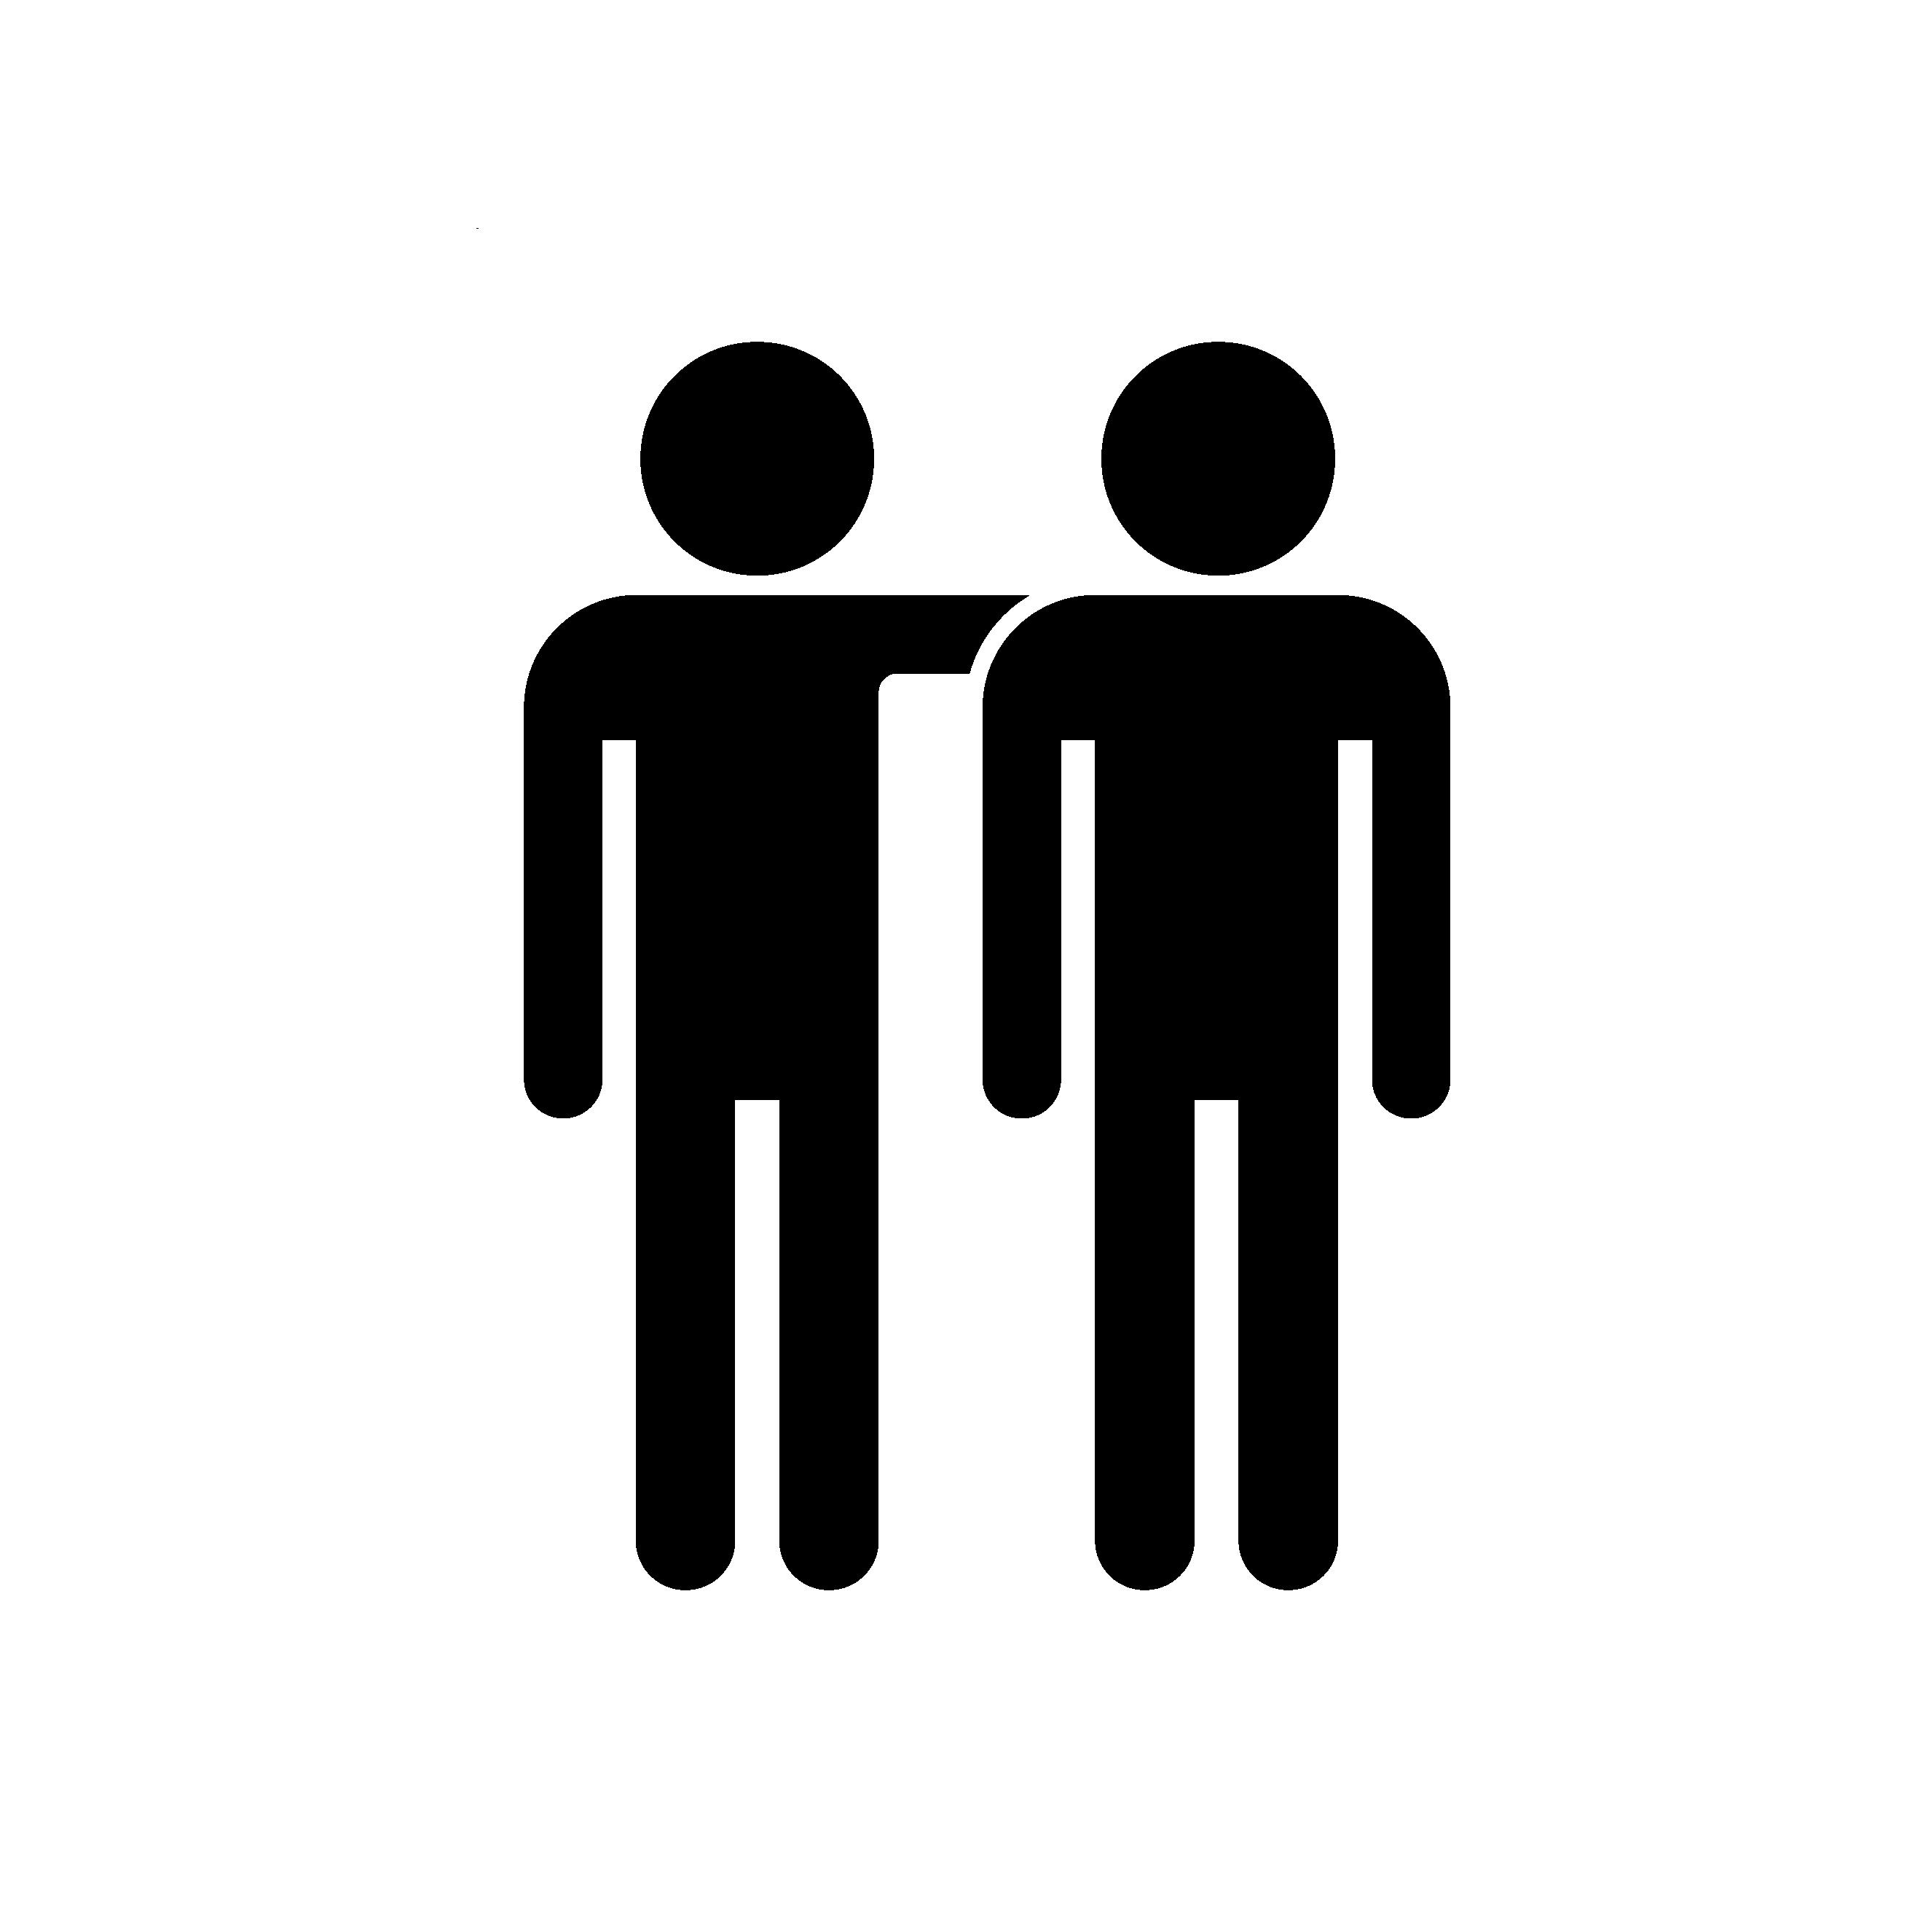 Symbol Lederstøtte og ledertrening